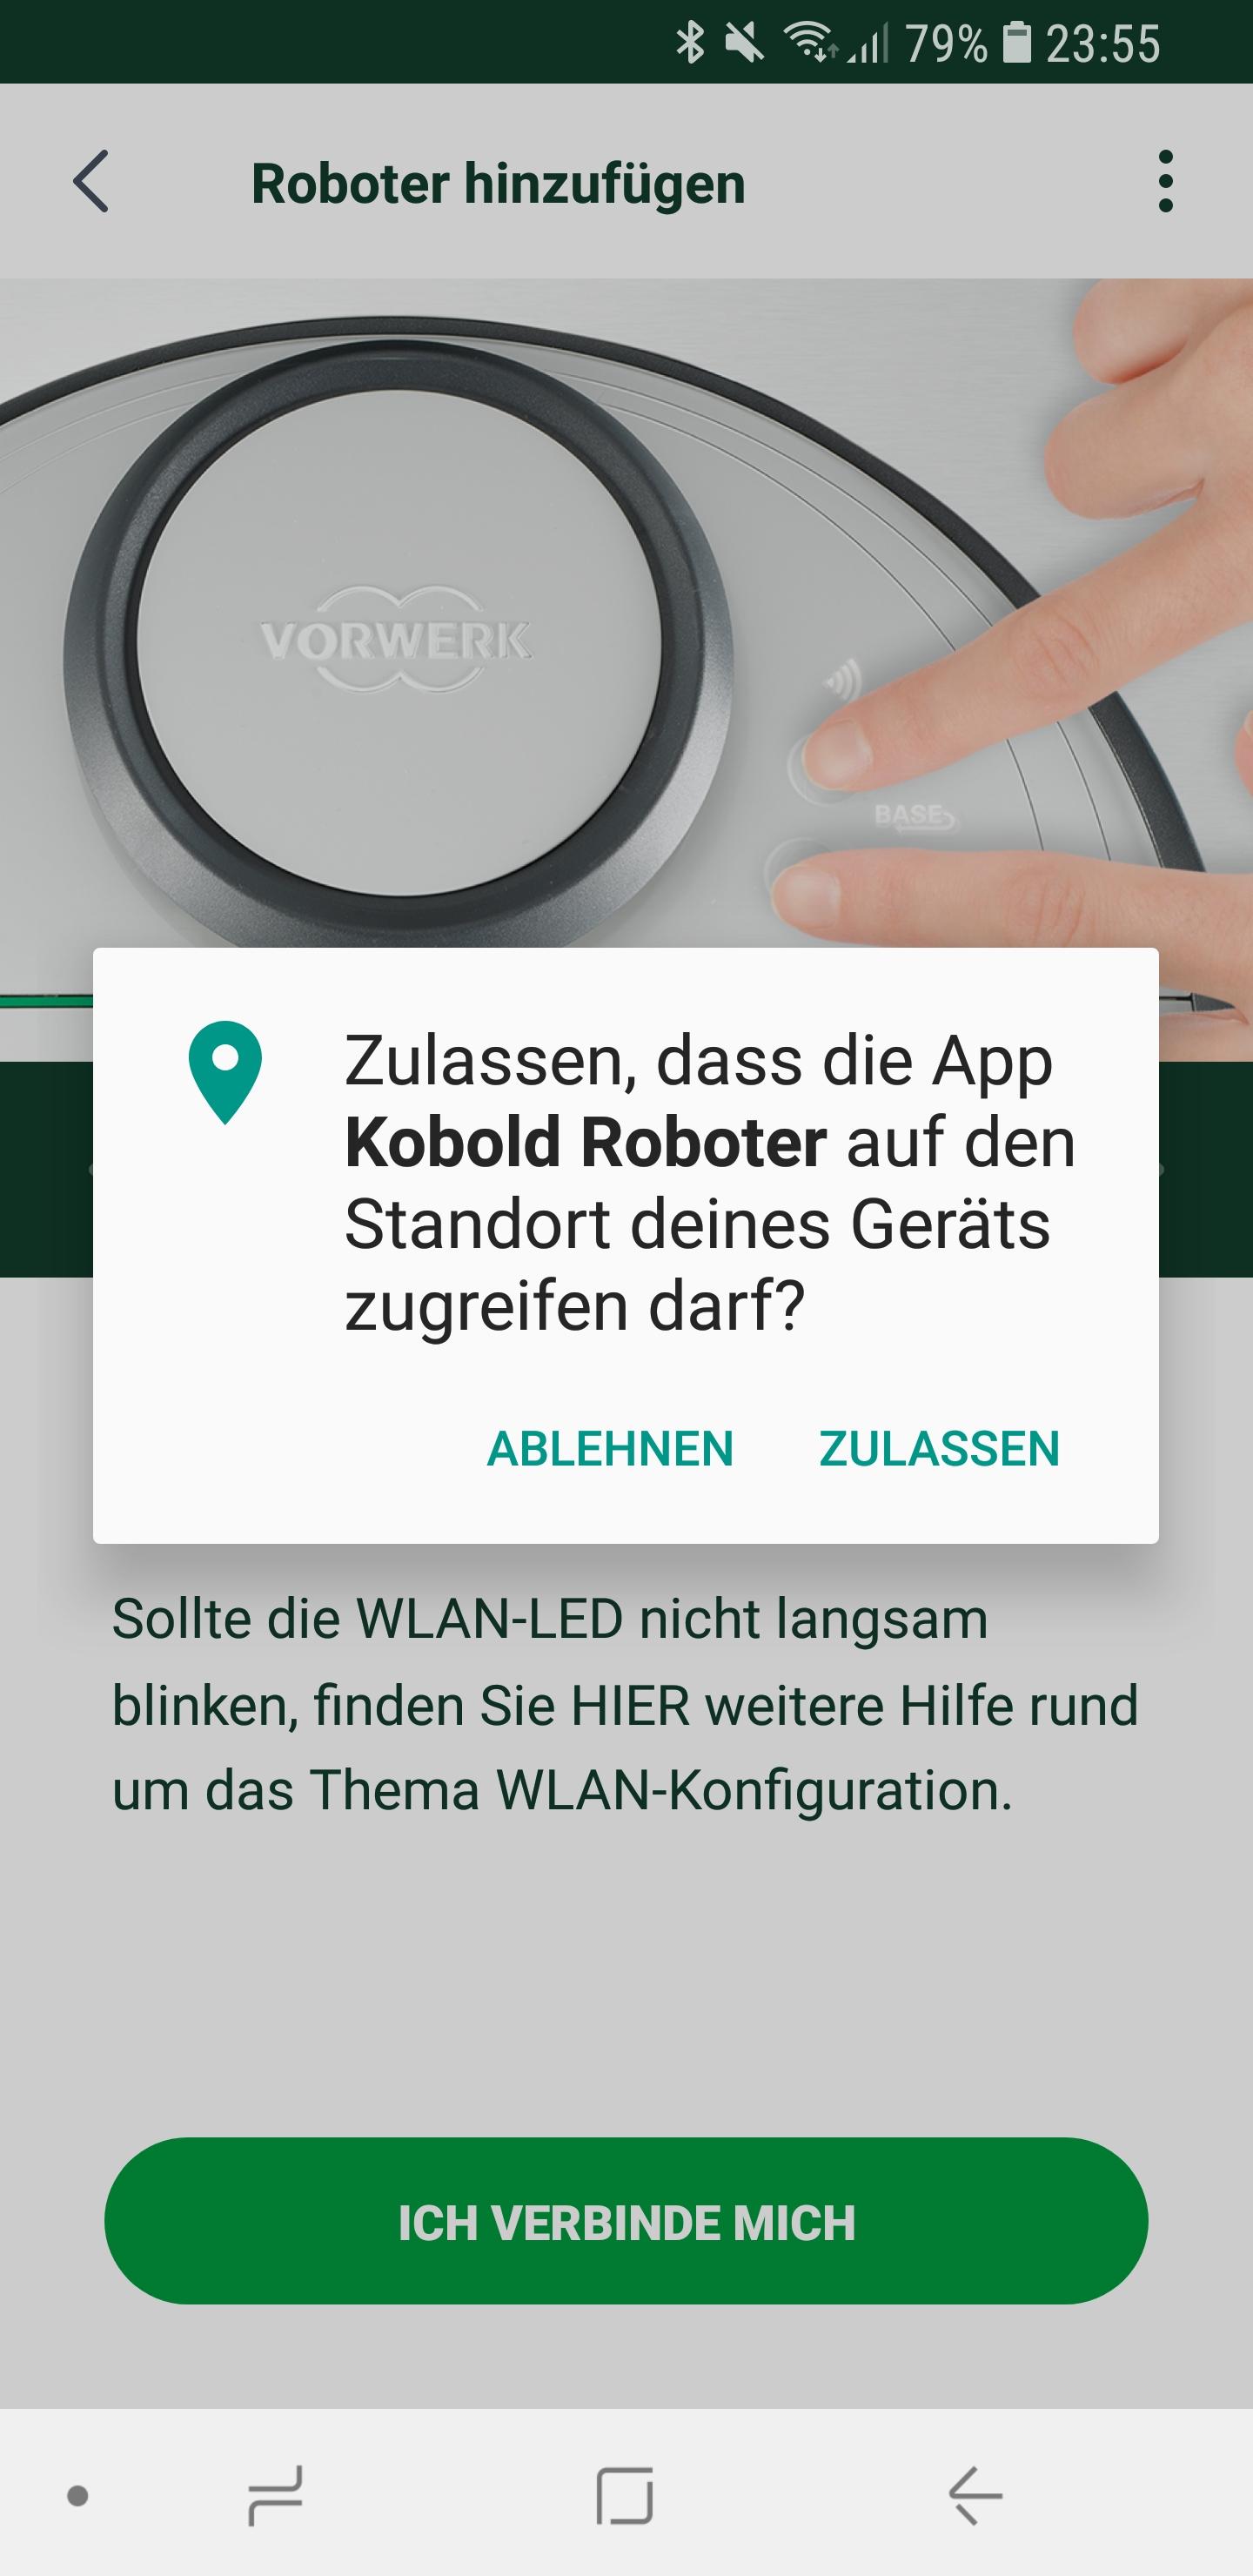 Vorwerk-Kobold-VR300-Einrichten-9